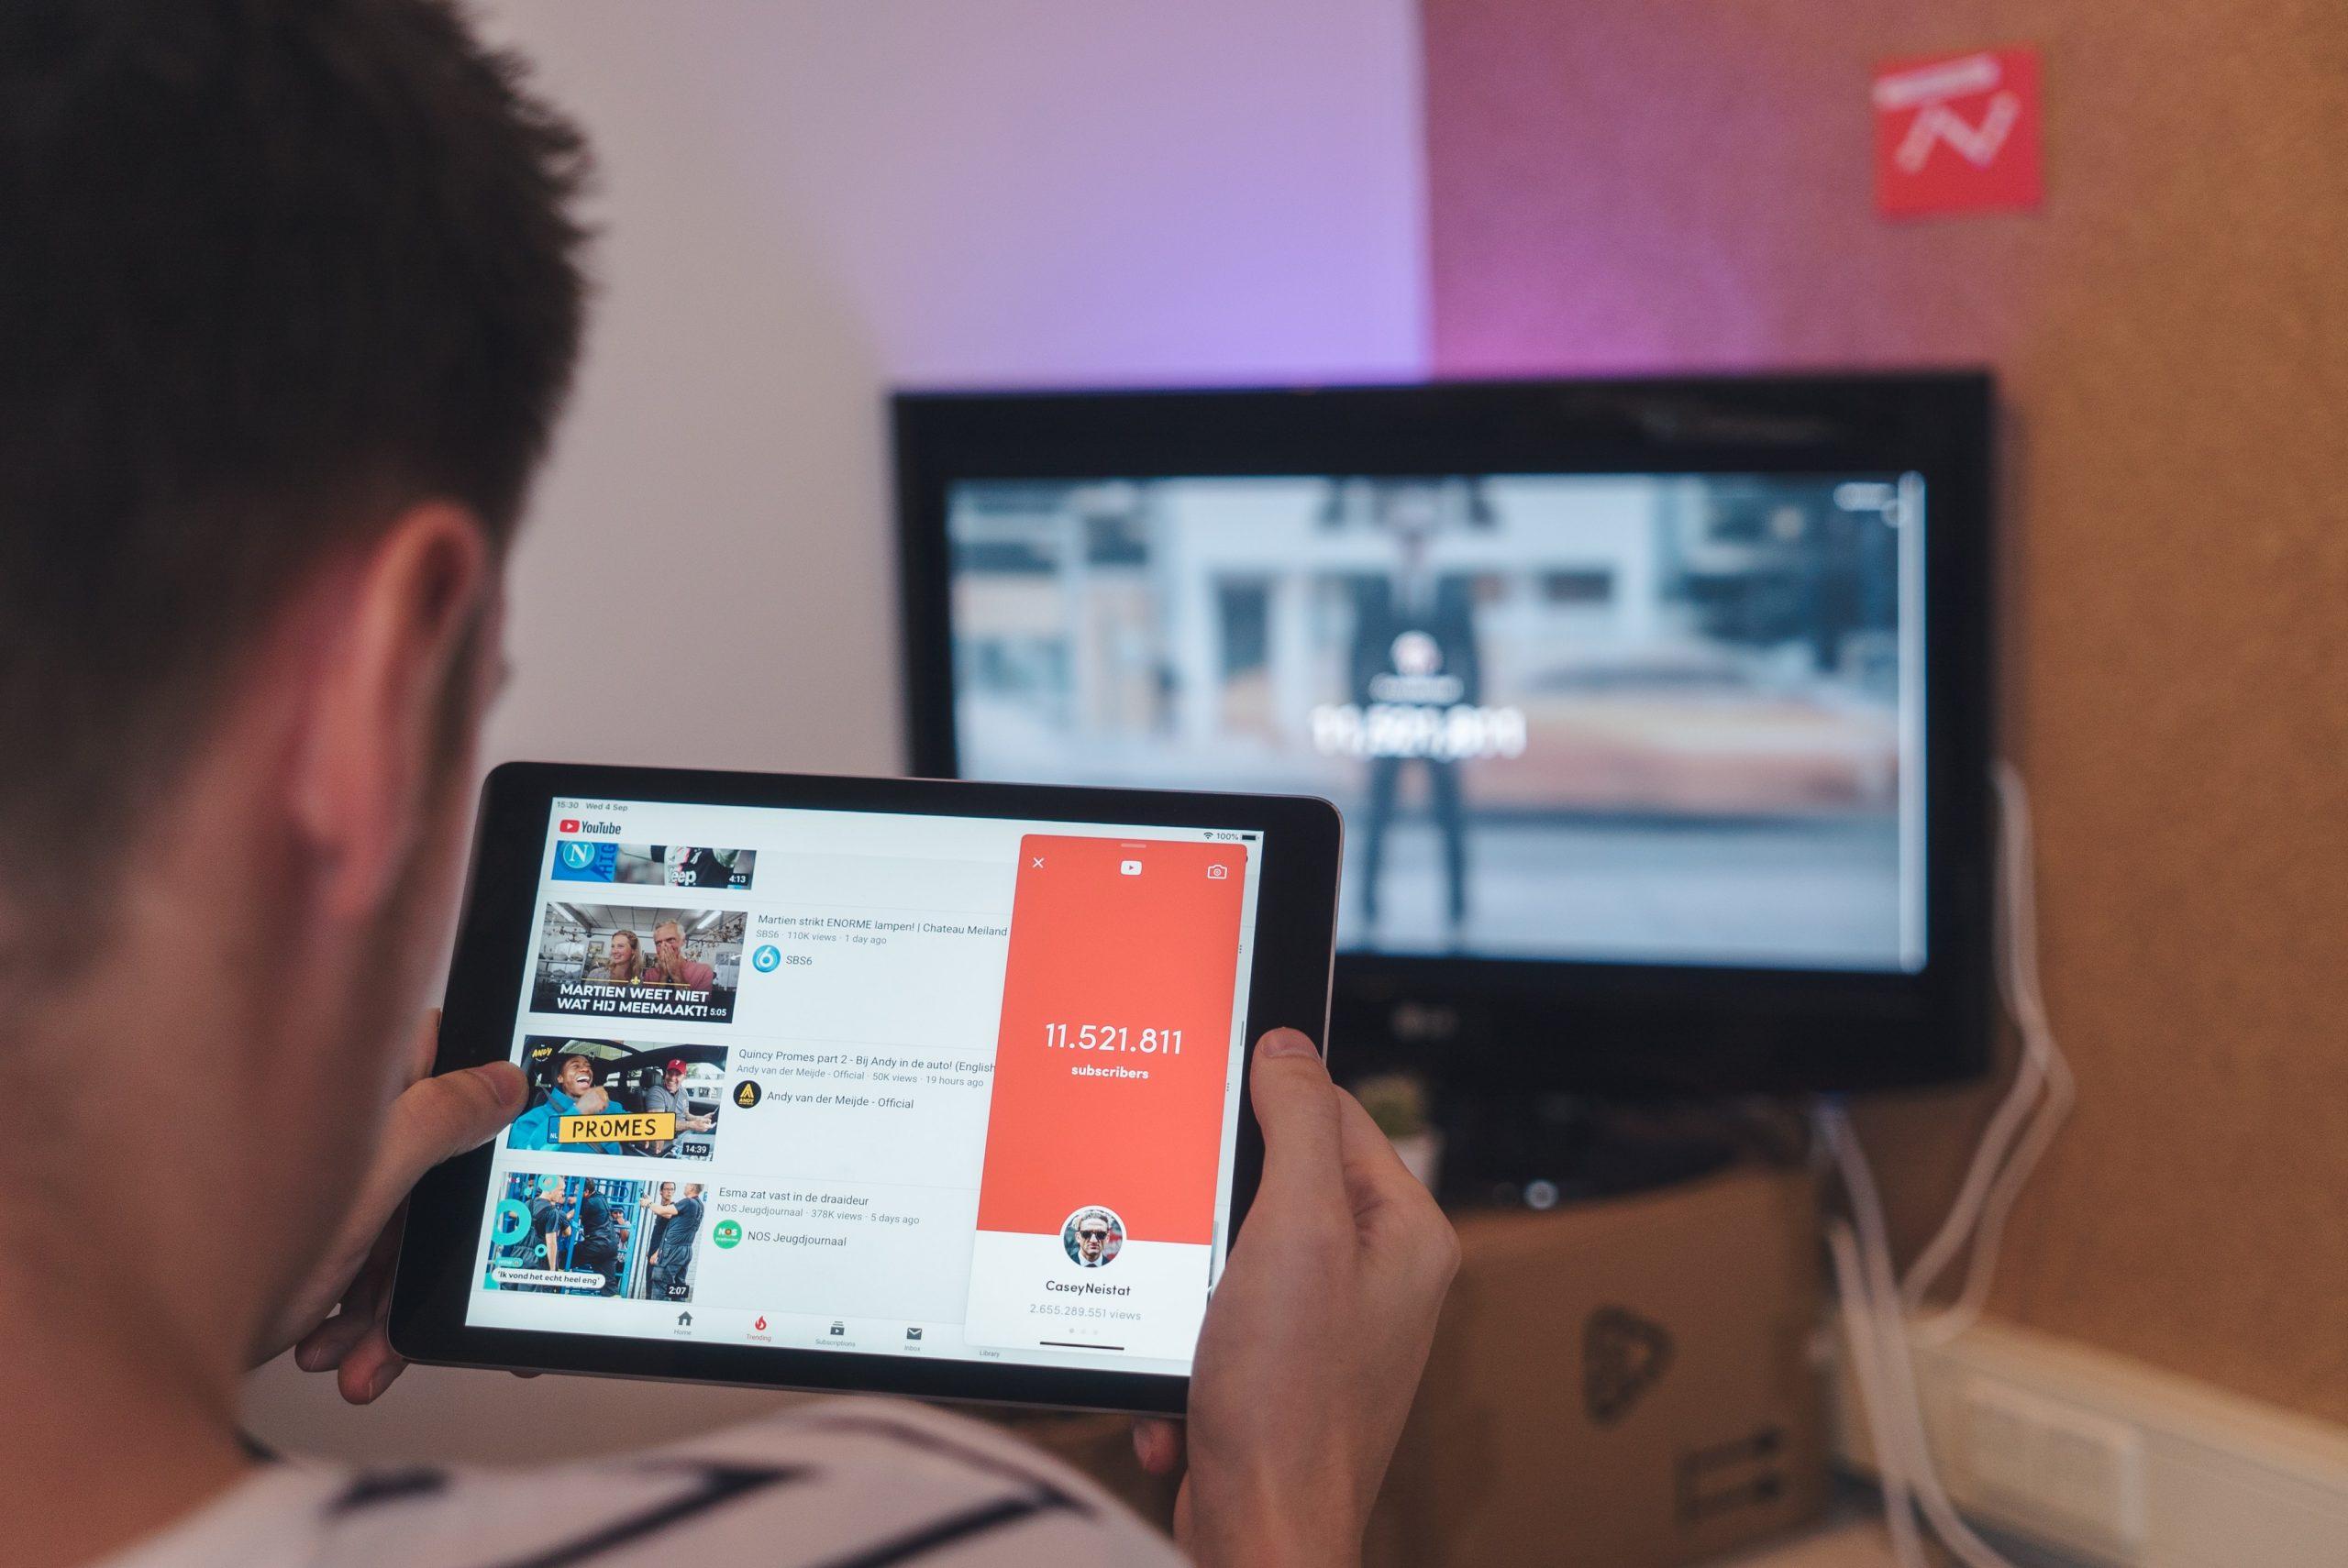 Hombre sentado frente a TV sosteniendo una tablet